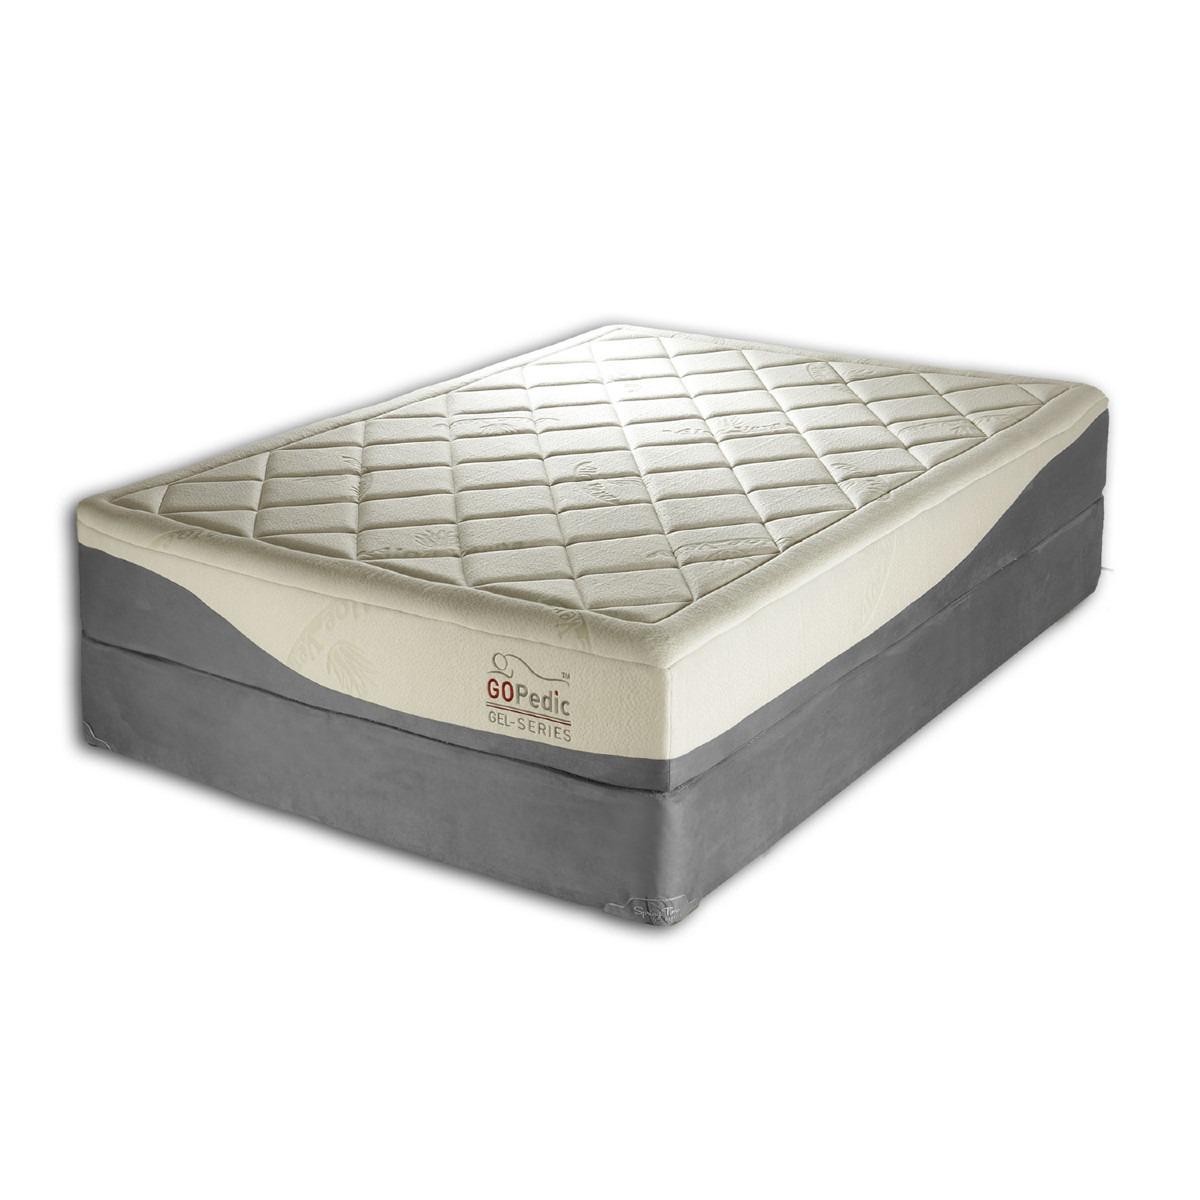 Colchon individual memory foam con gel ortopedico memoria 10 en mercado libre - Precios de colchones hinchables ...